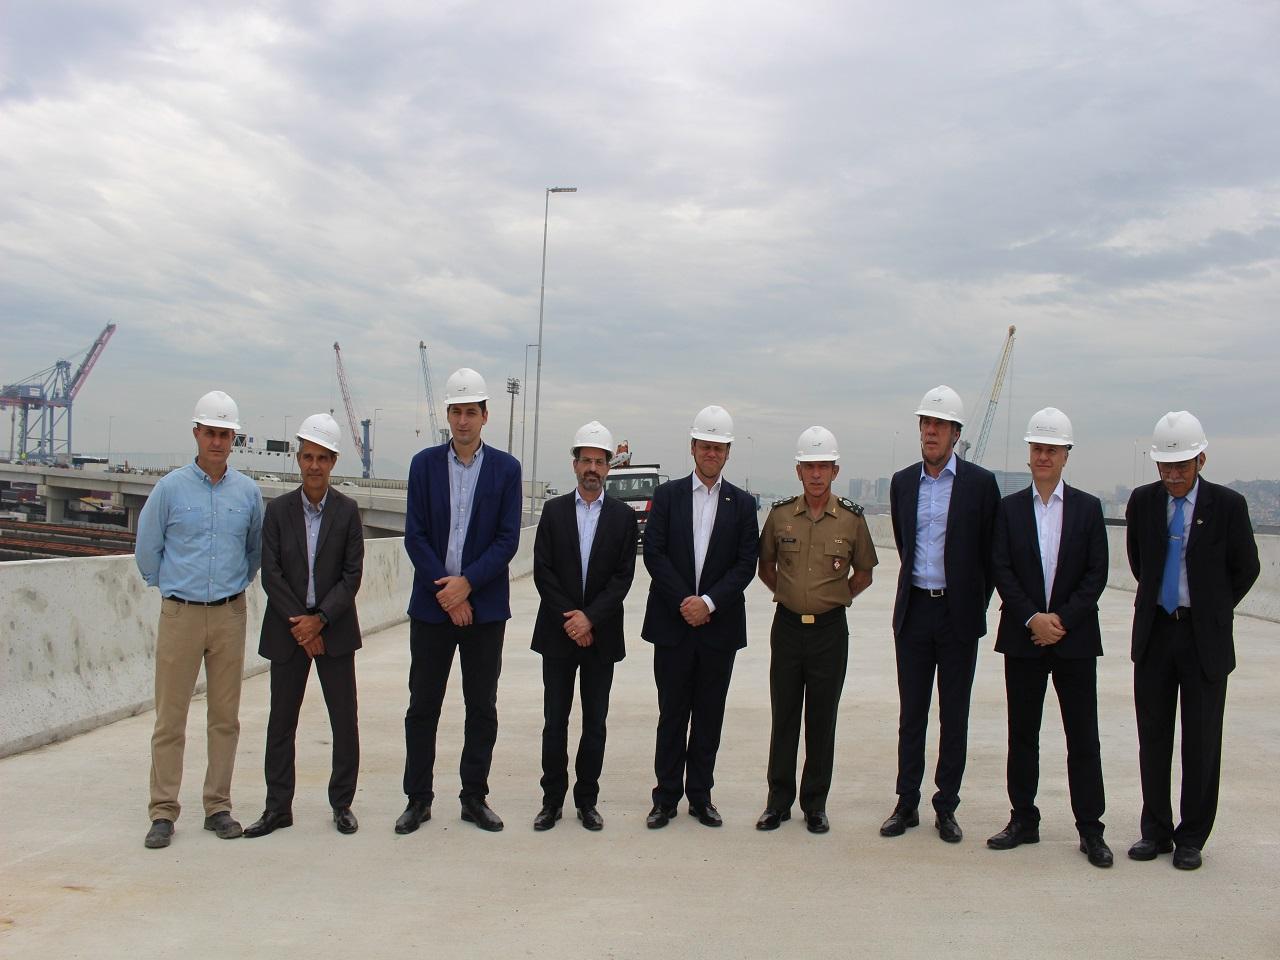 Visita do Sr Ministro da Infraestrutura às obras da alça viária de acesso da Ponte Rio x Niterói